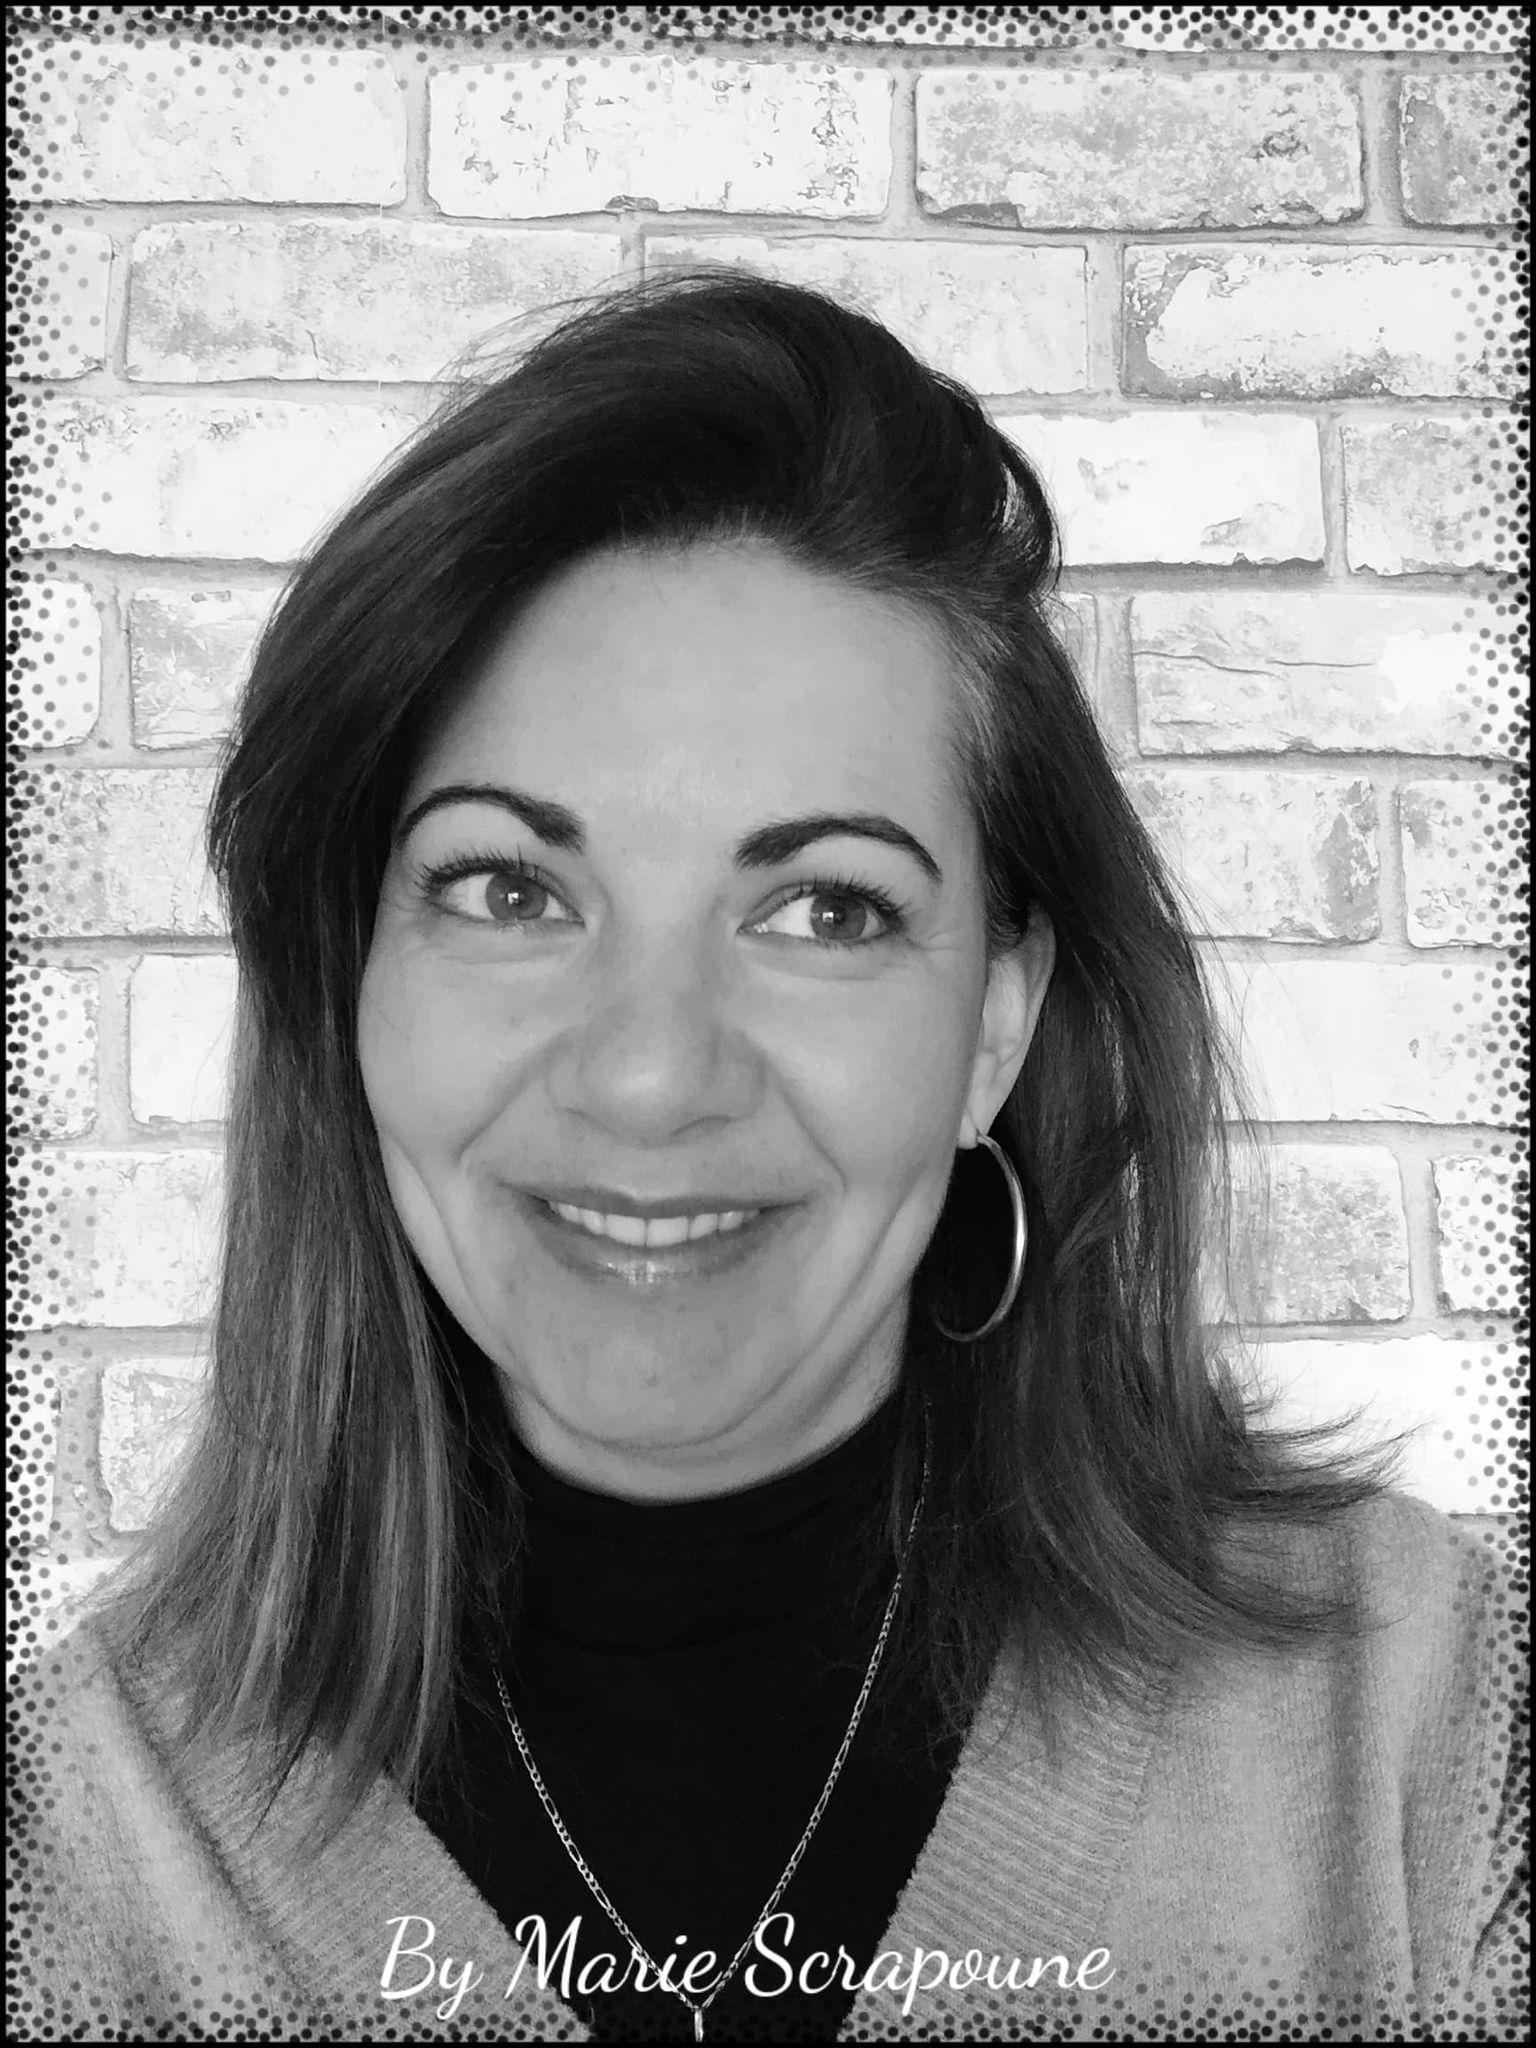 L'invitée créative de la Box de Mars 2021 est …Marie Scrapoune!